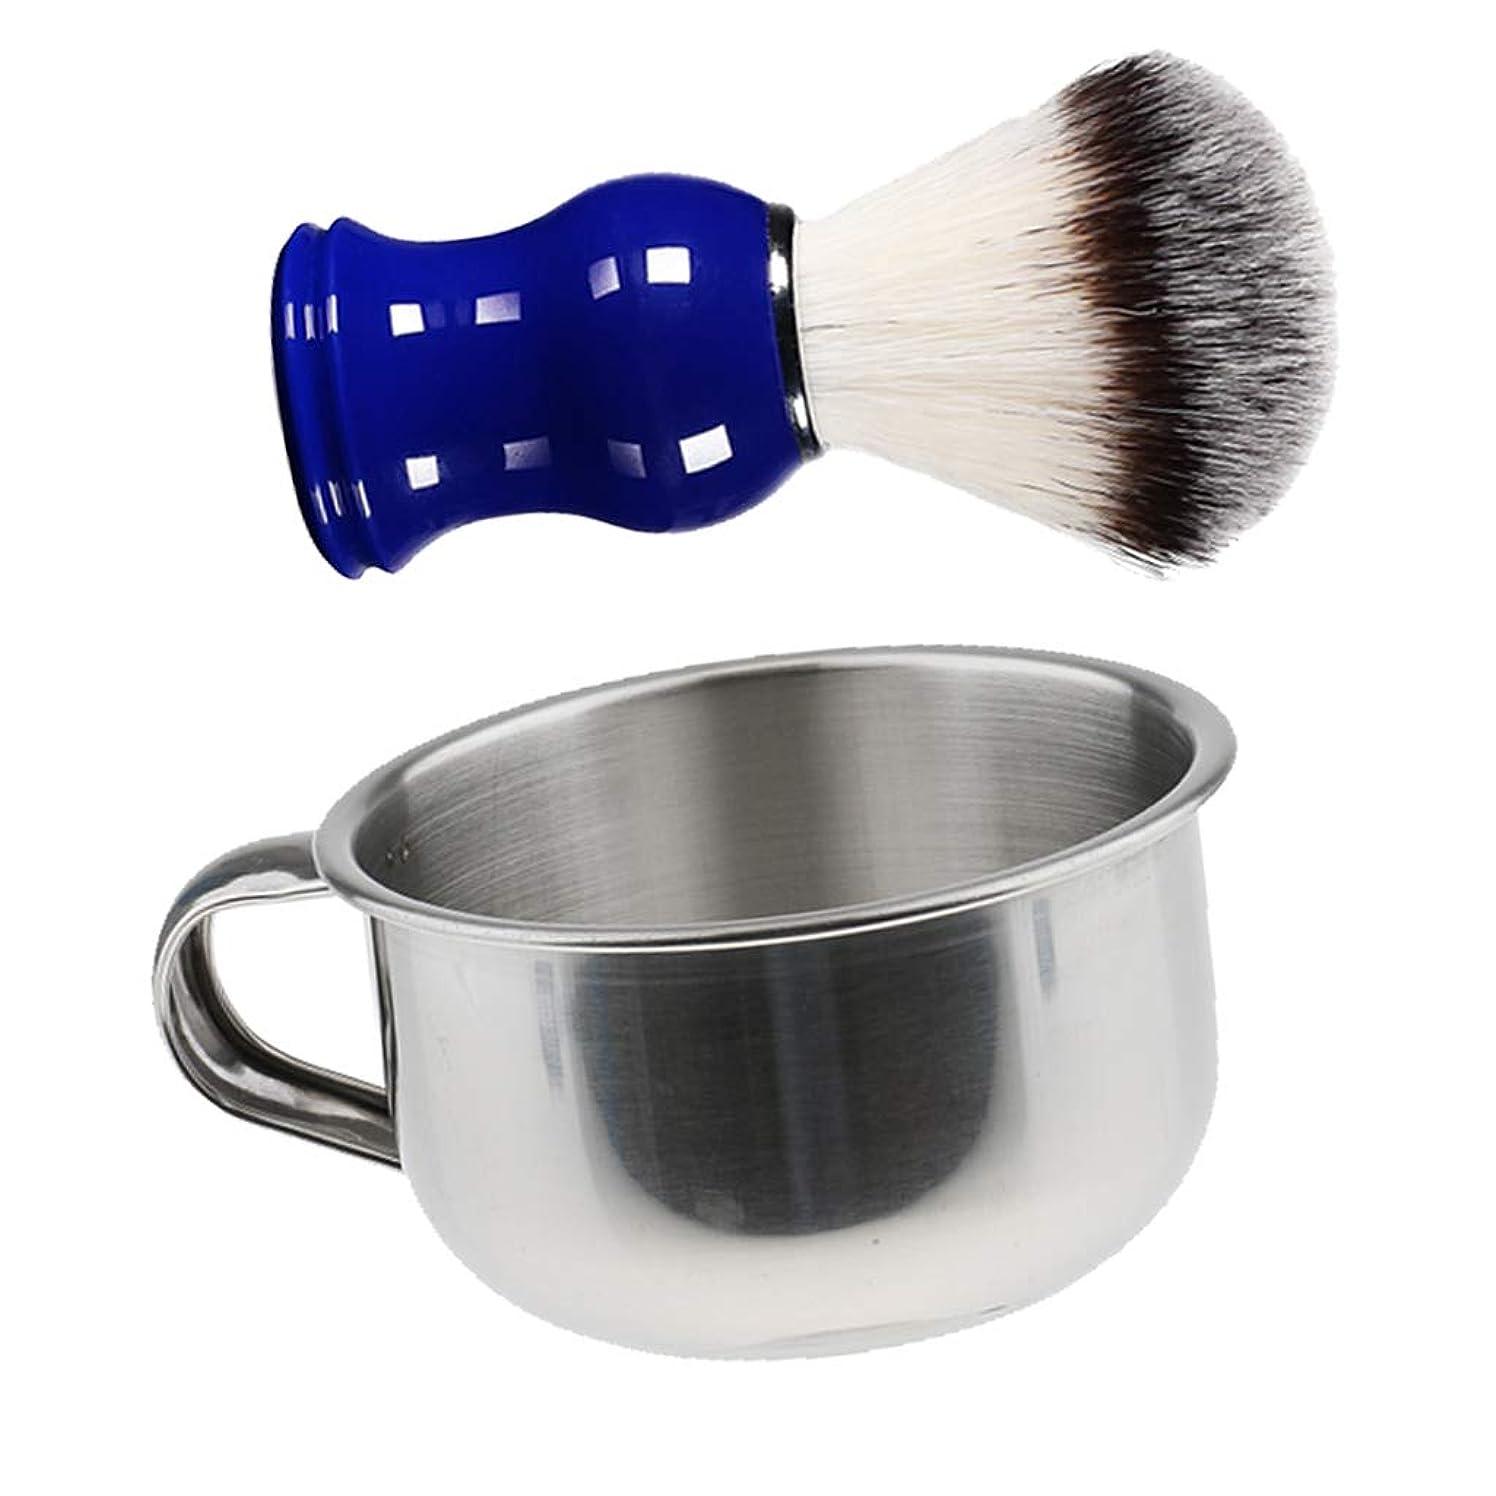 超音速アナリストねばねばBaoblaze シェービングブラシセット ステンレス製シェービングボウル メンズ 理容 洗顔 髭剃り 泡立ち 実用的